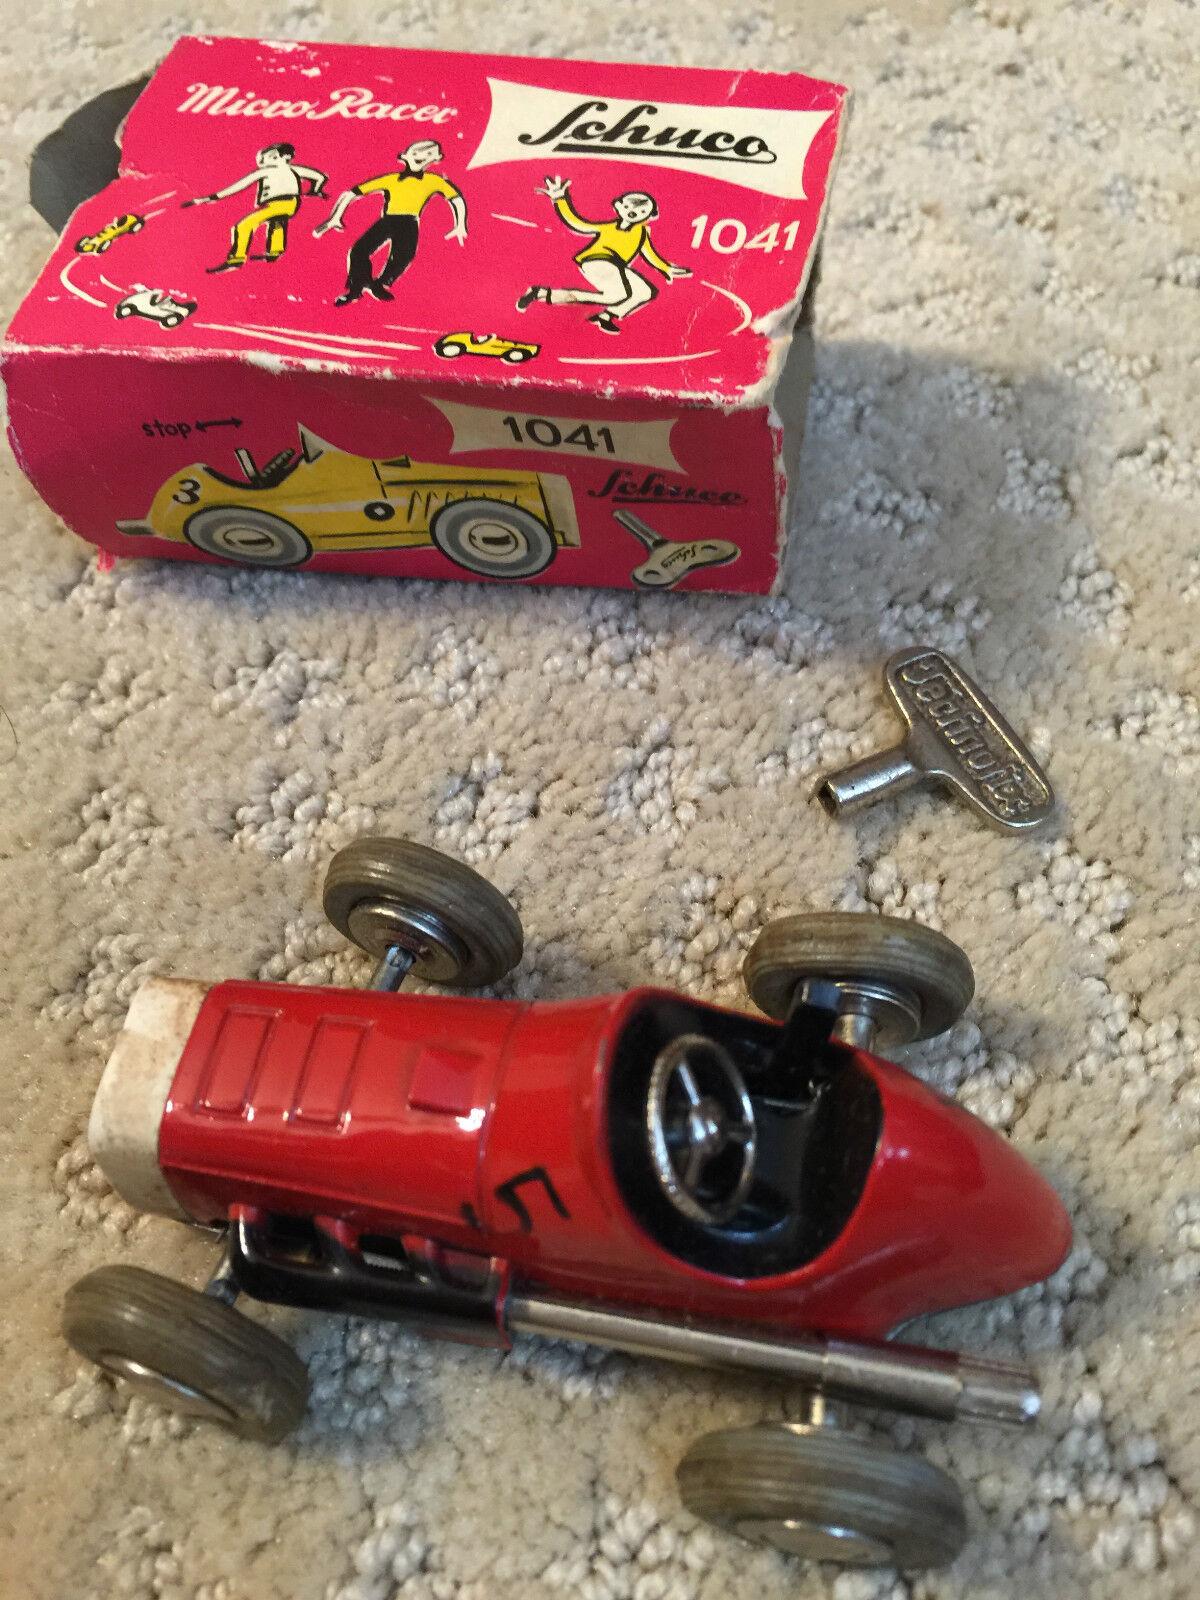 Schuco   1041 zwerg - racer 1951 deutschland w schlüssel und original - box